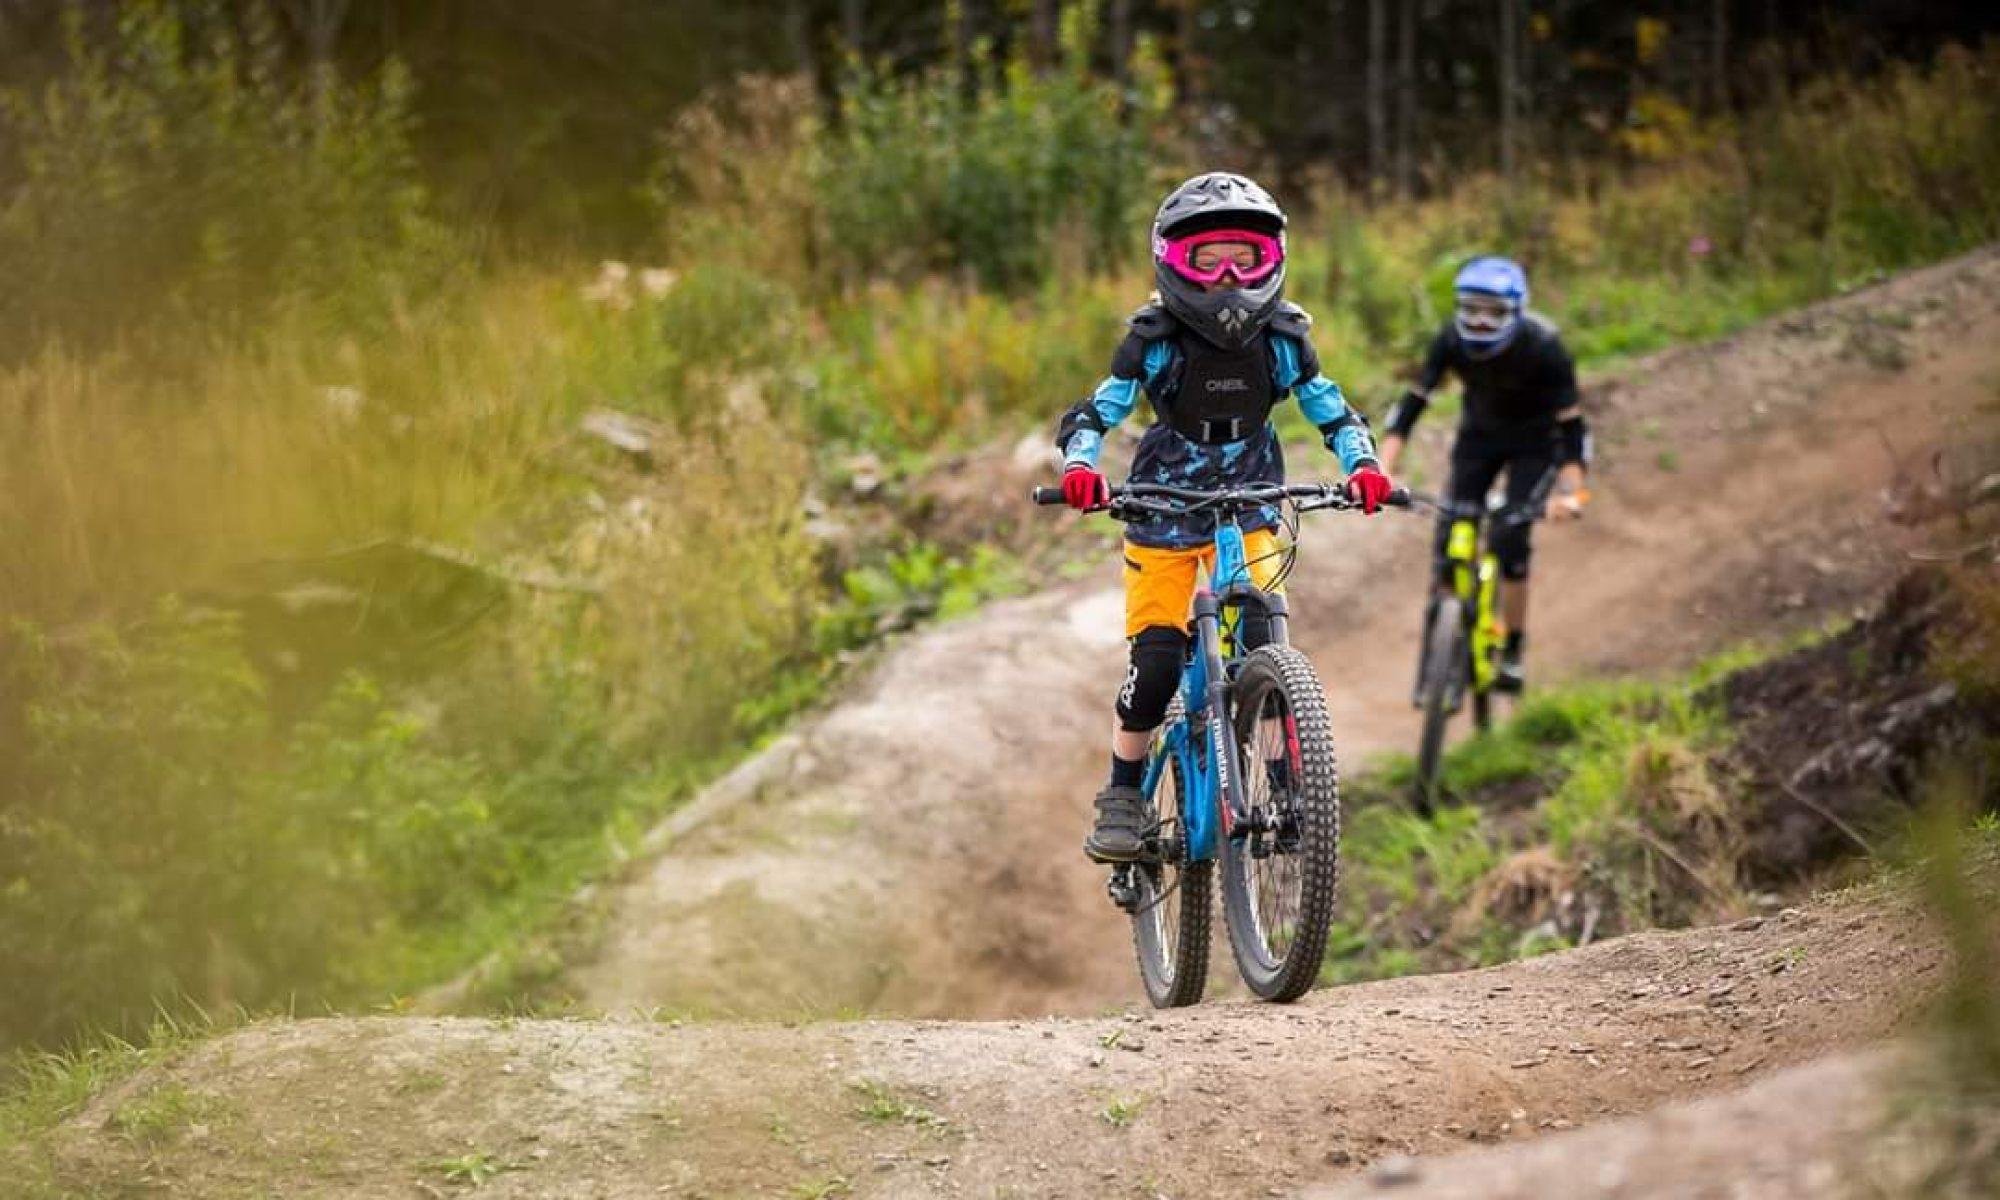 Södra Berget Bike Park